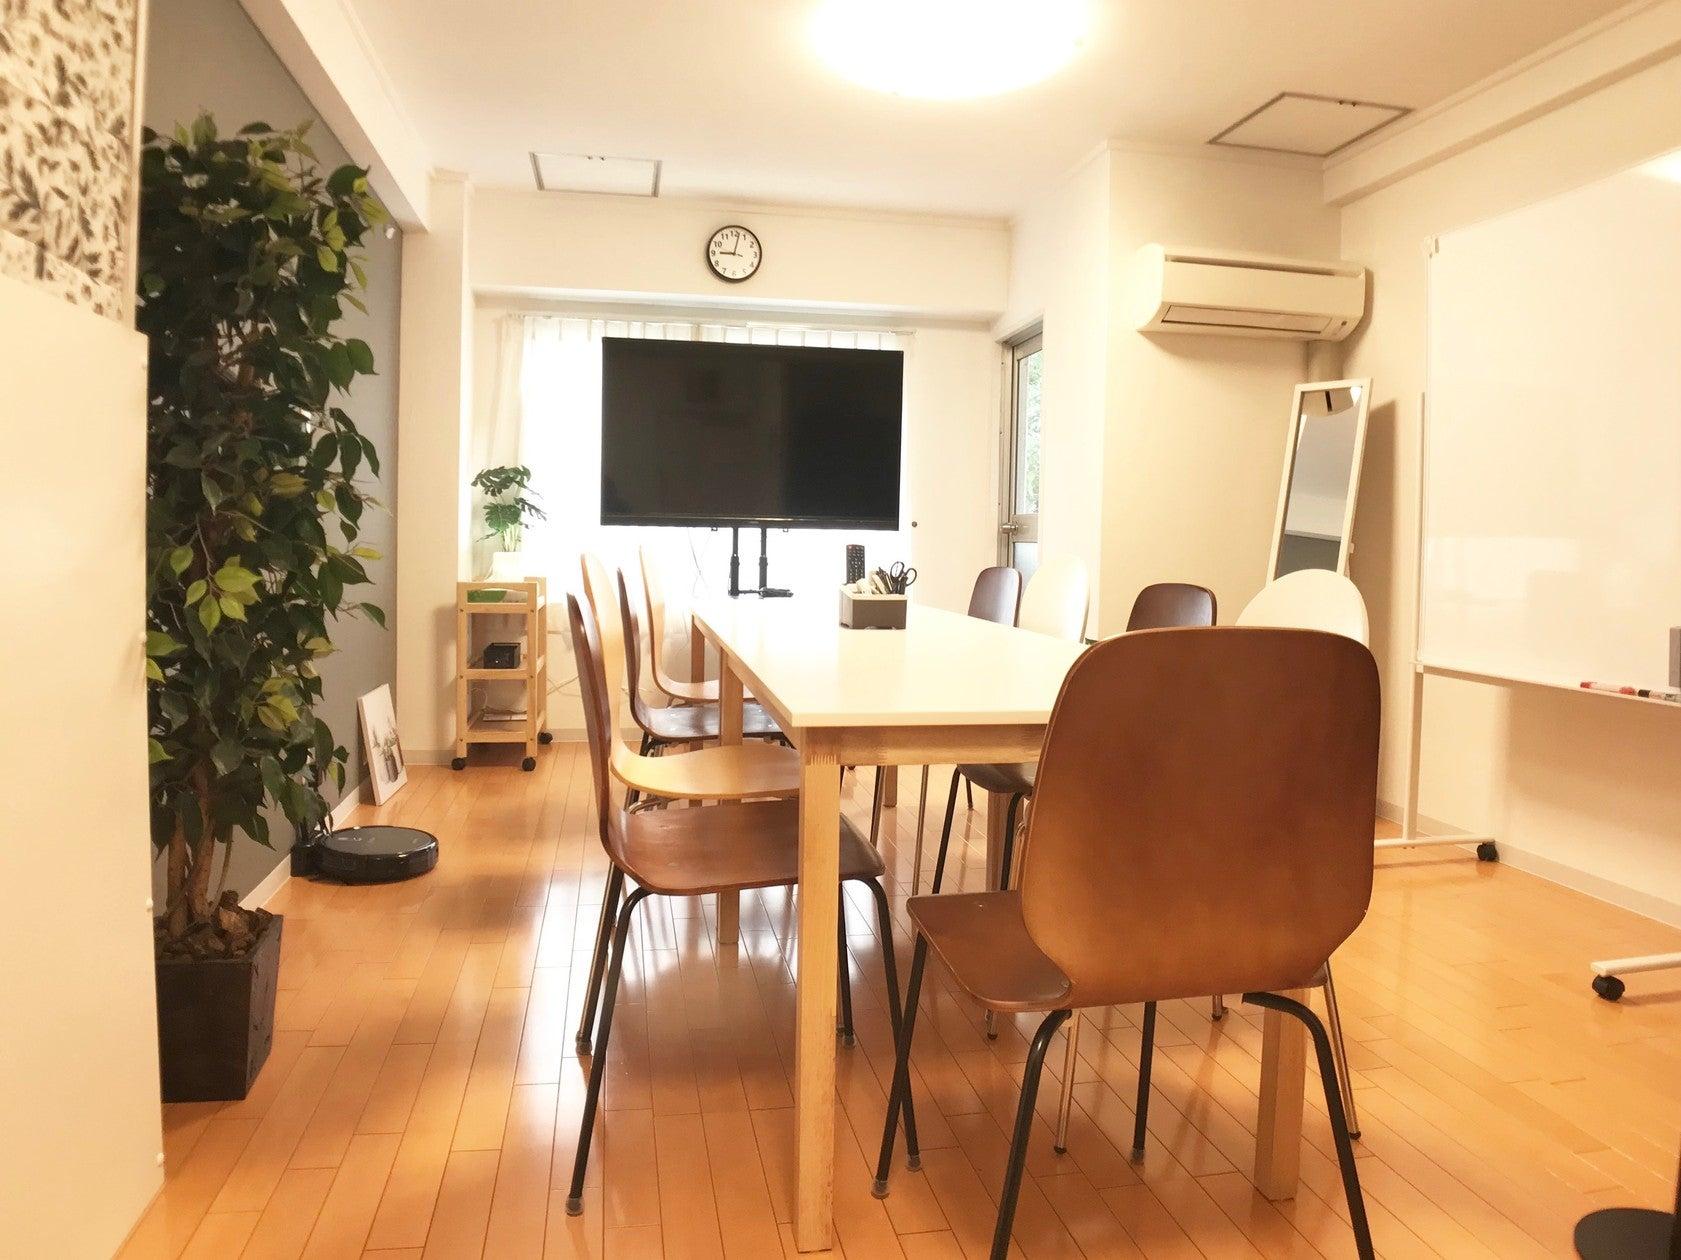 【東陽町駅徒歩2分】大型TV・無料Wi-Fiを設置!お洒落で機能的な会議スペース「楽らく会議室 東陽町」 の写真